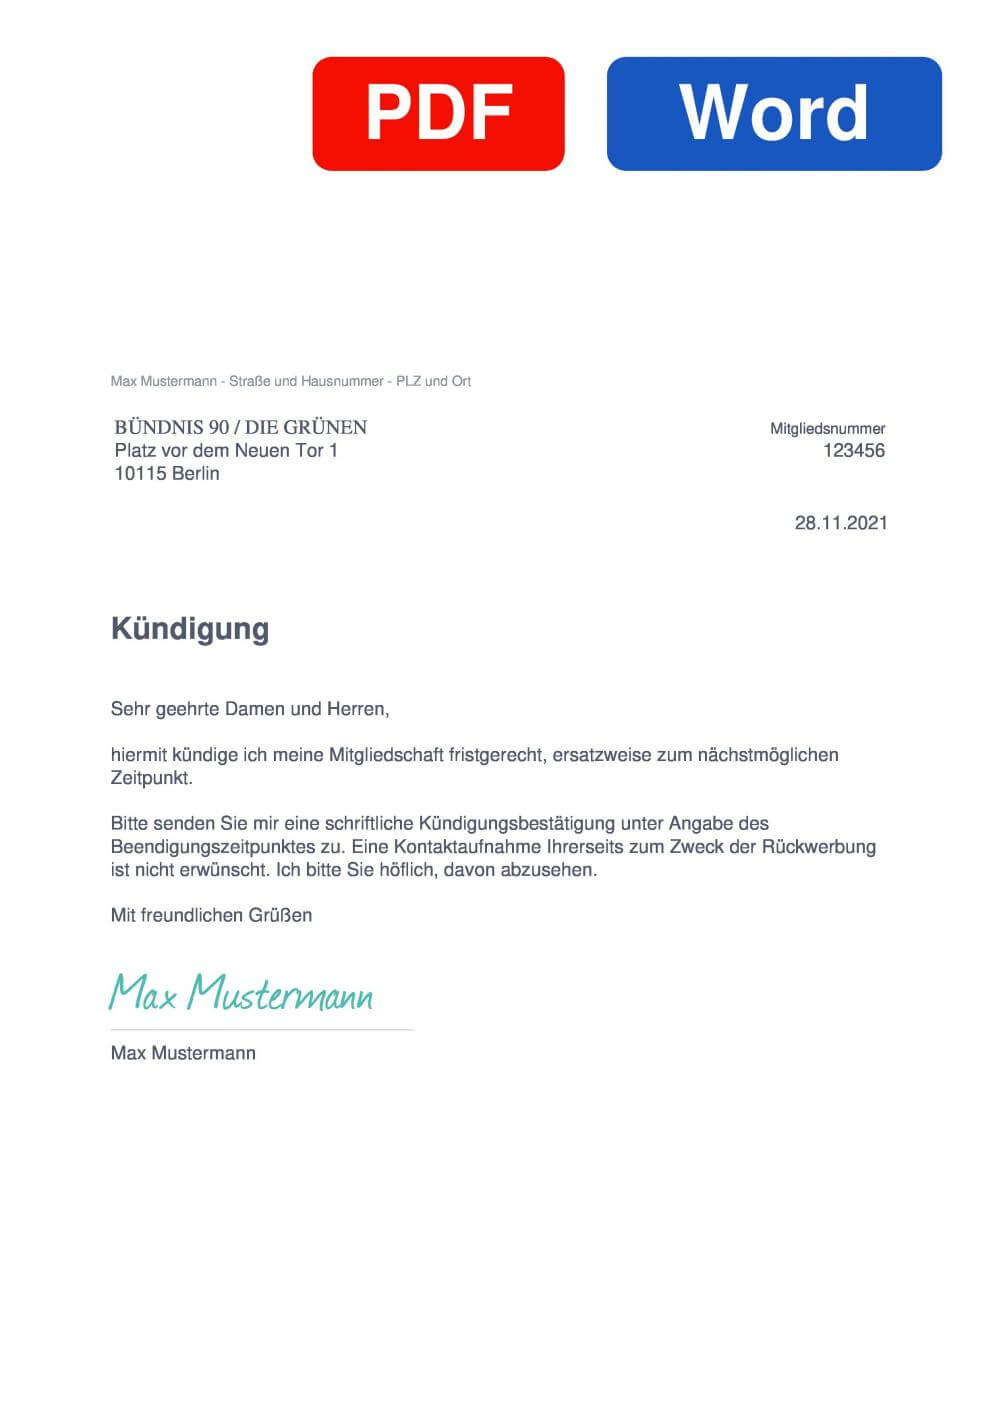 BÜNDNIS 90 / DIE GRÜNEN Muster Vorlage für Kündigungsschreiben